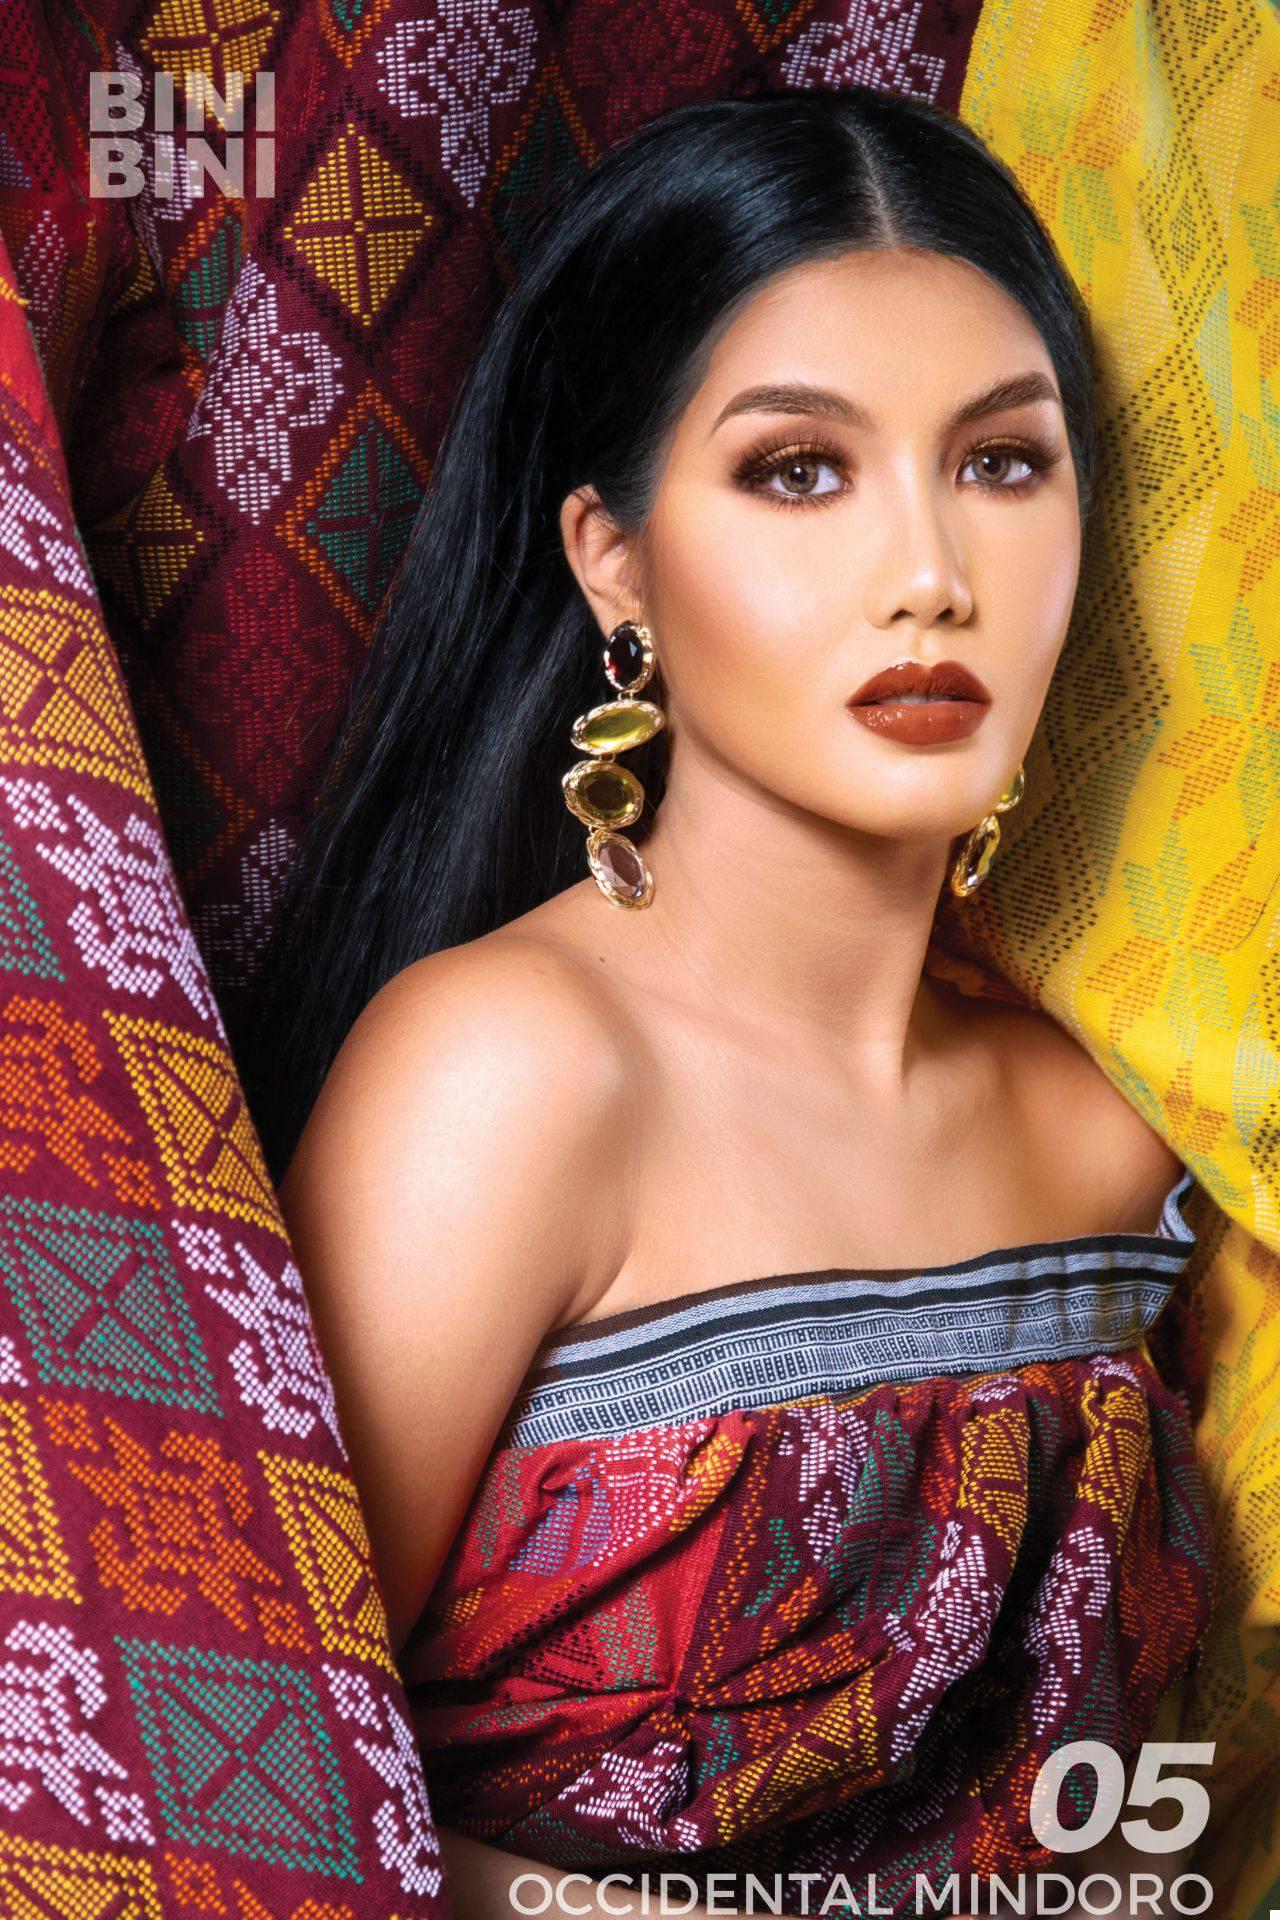 Princess Kien Guanzon